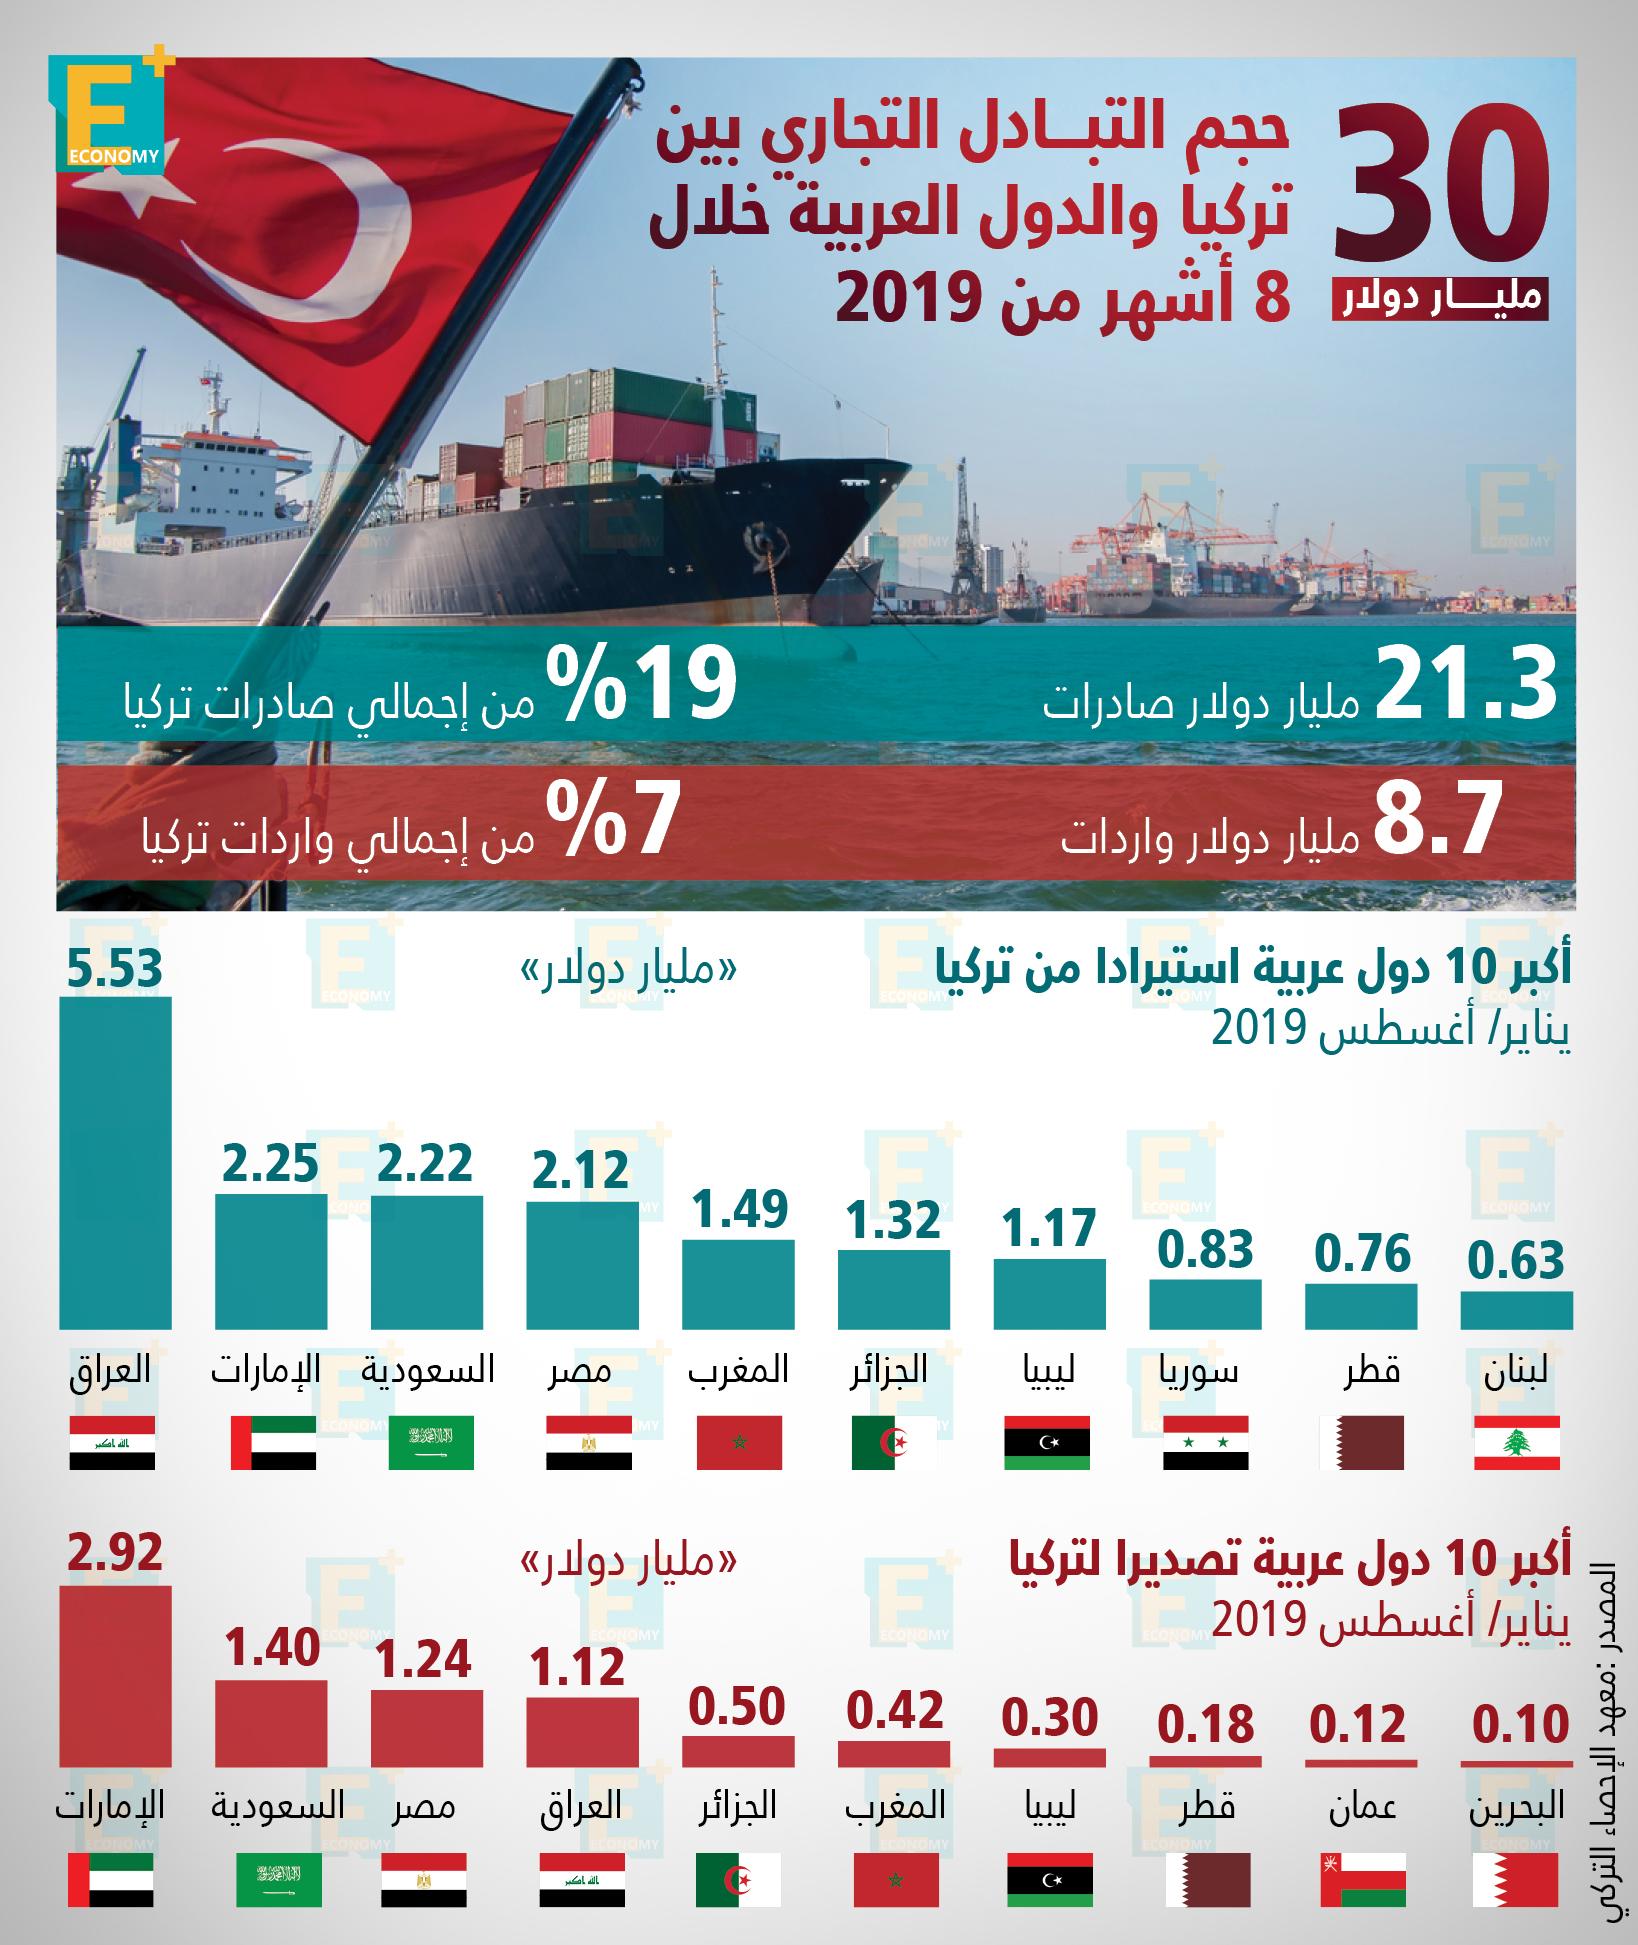 30 مليار دولار حجم التبادل التجاري بين تركيا والدول العربية خلال 8 أشهر